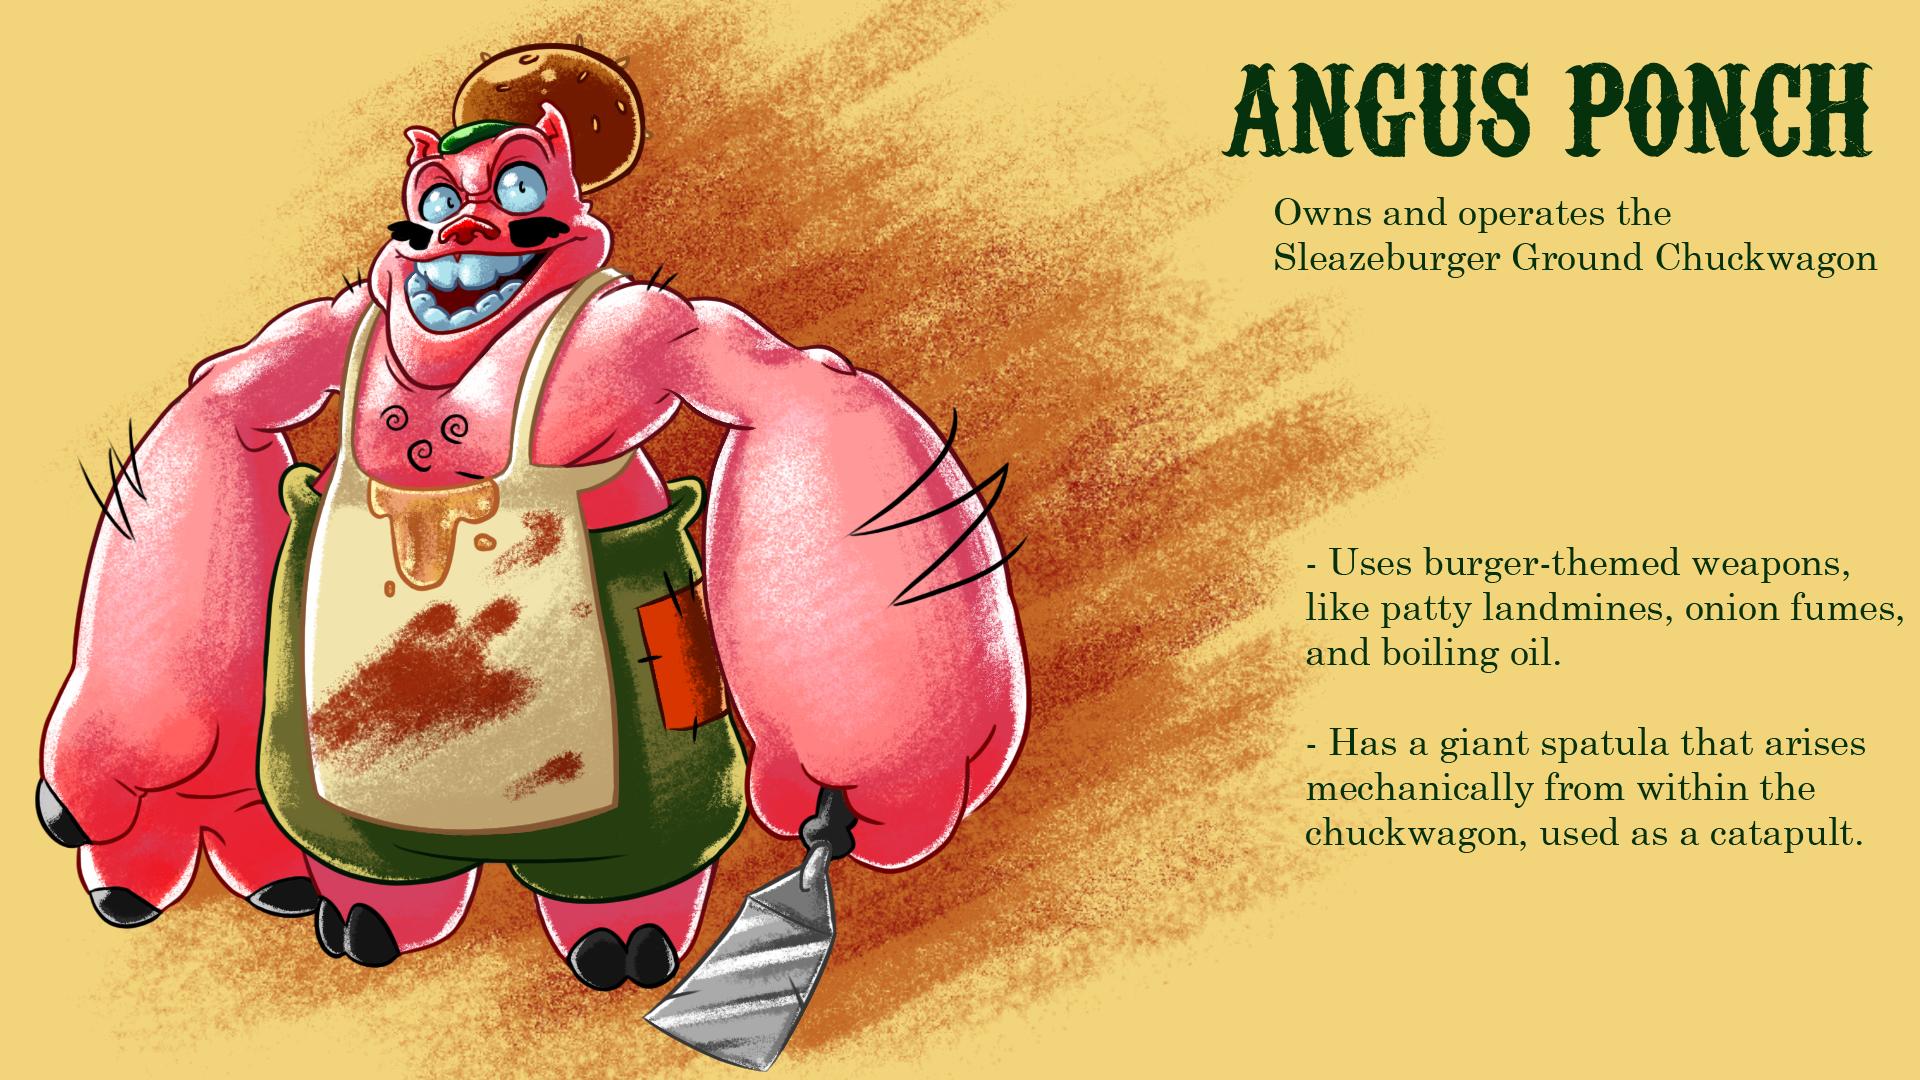 AngusPonch